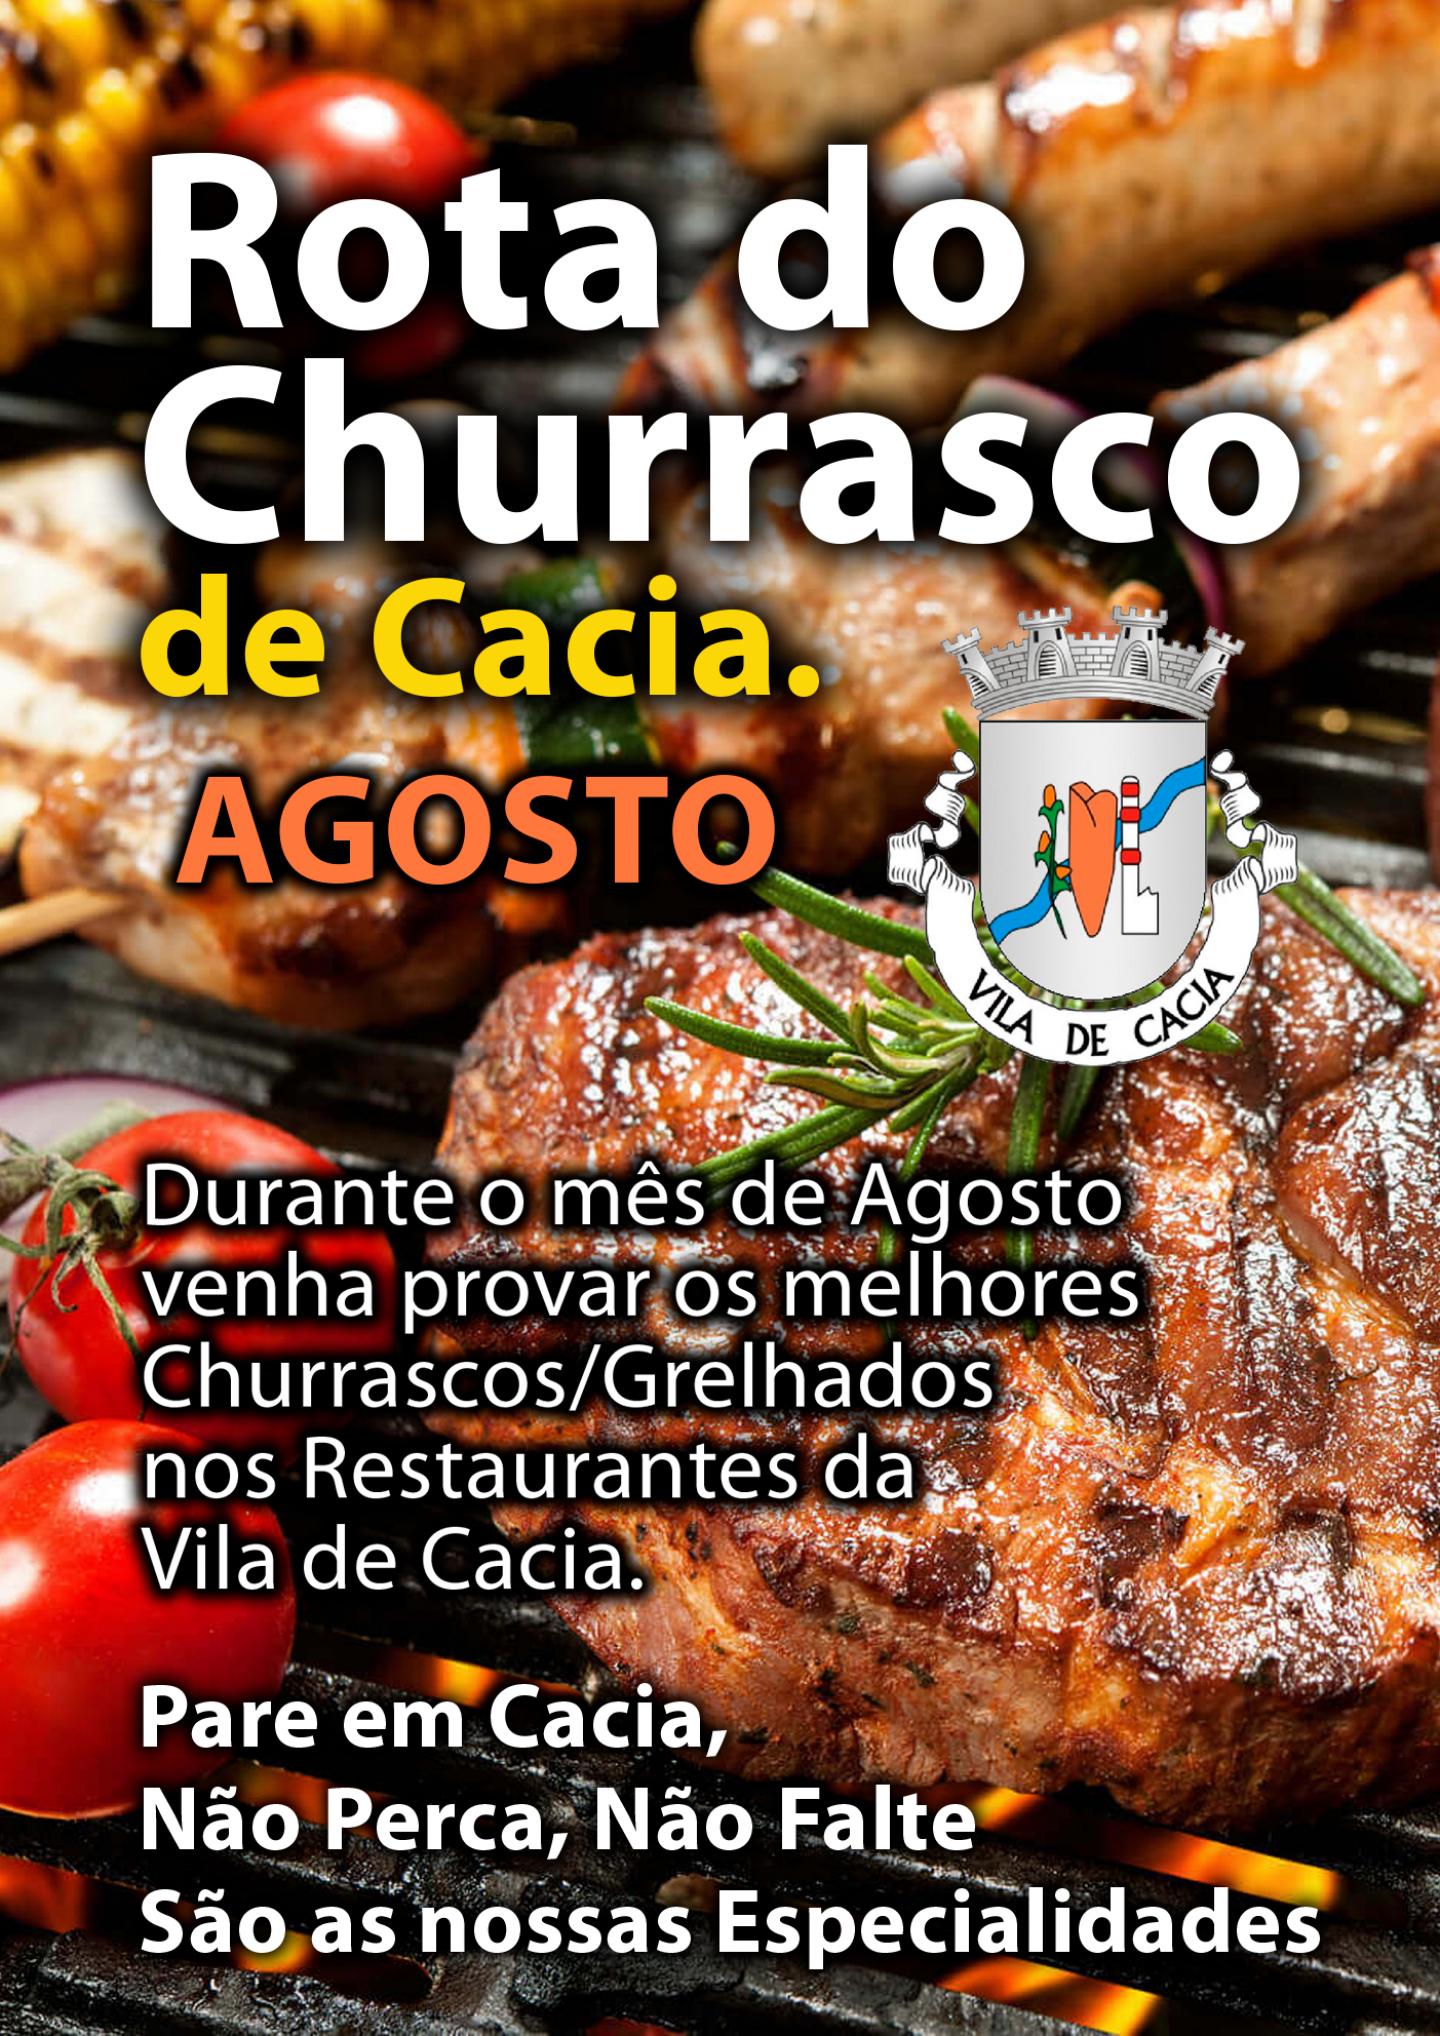 rota-do-churrasco